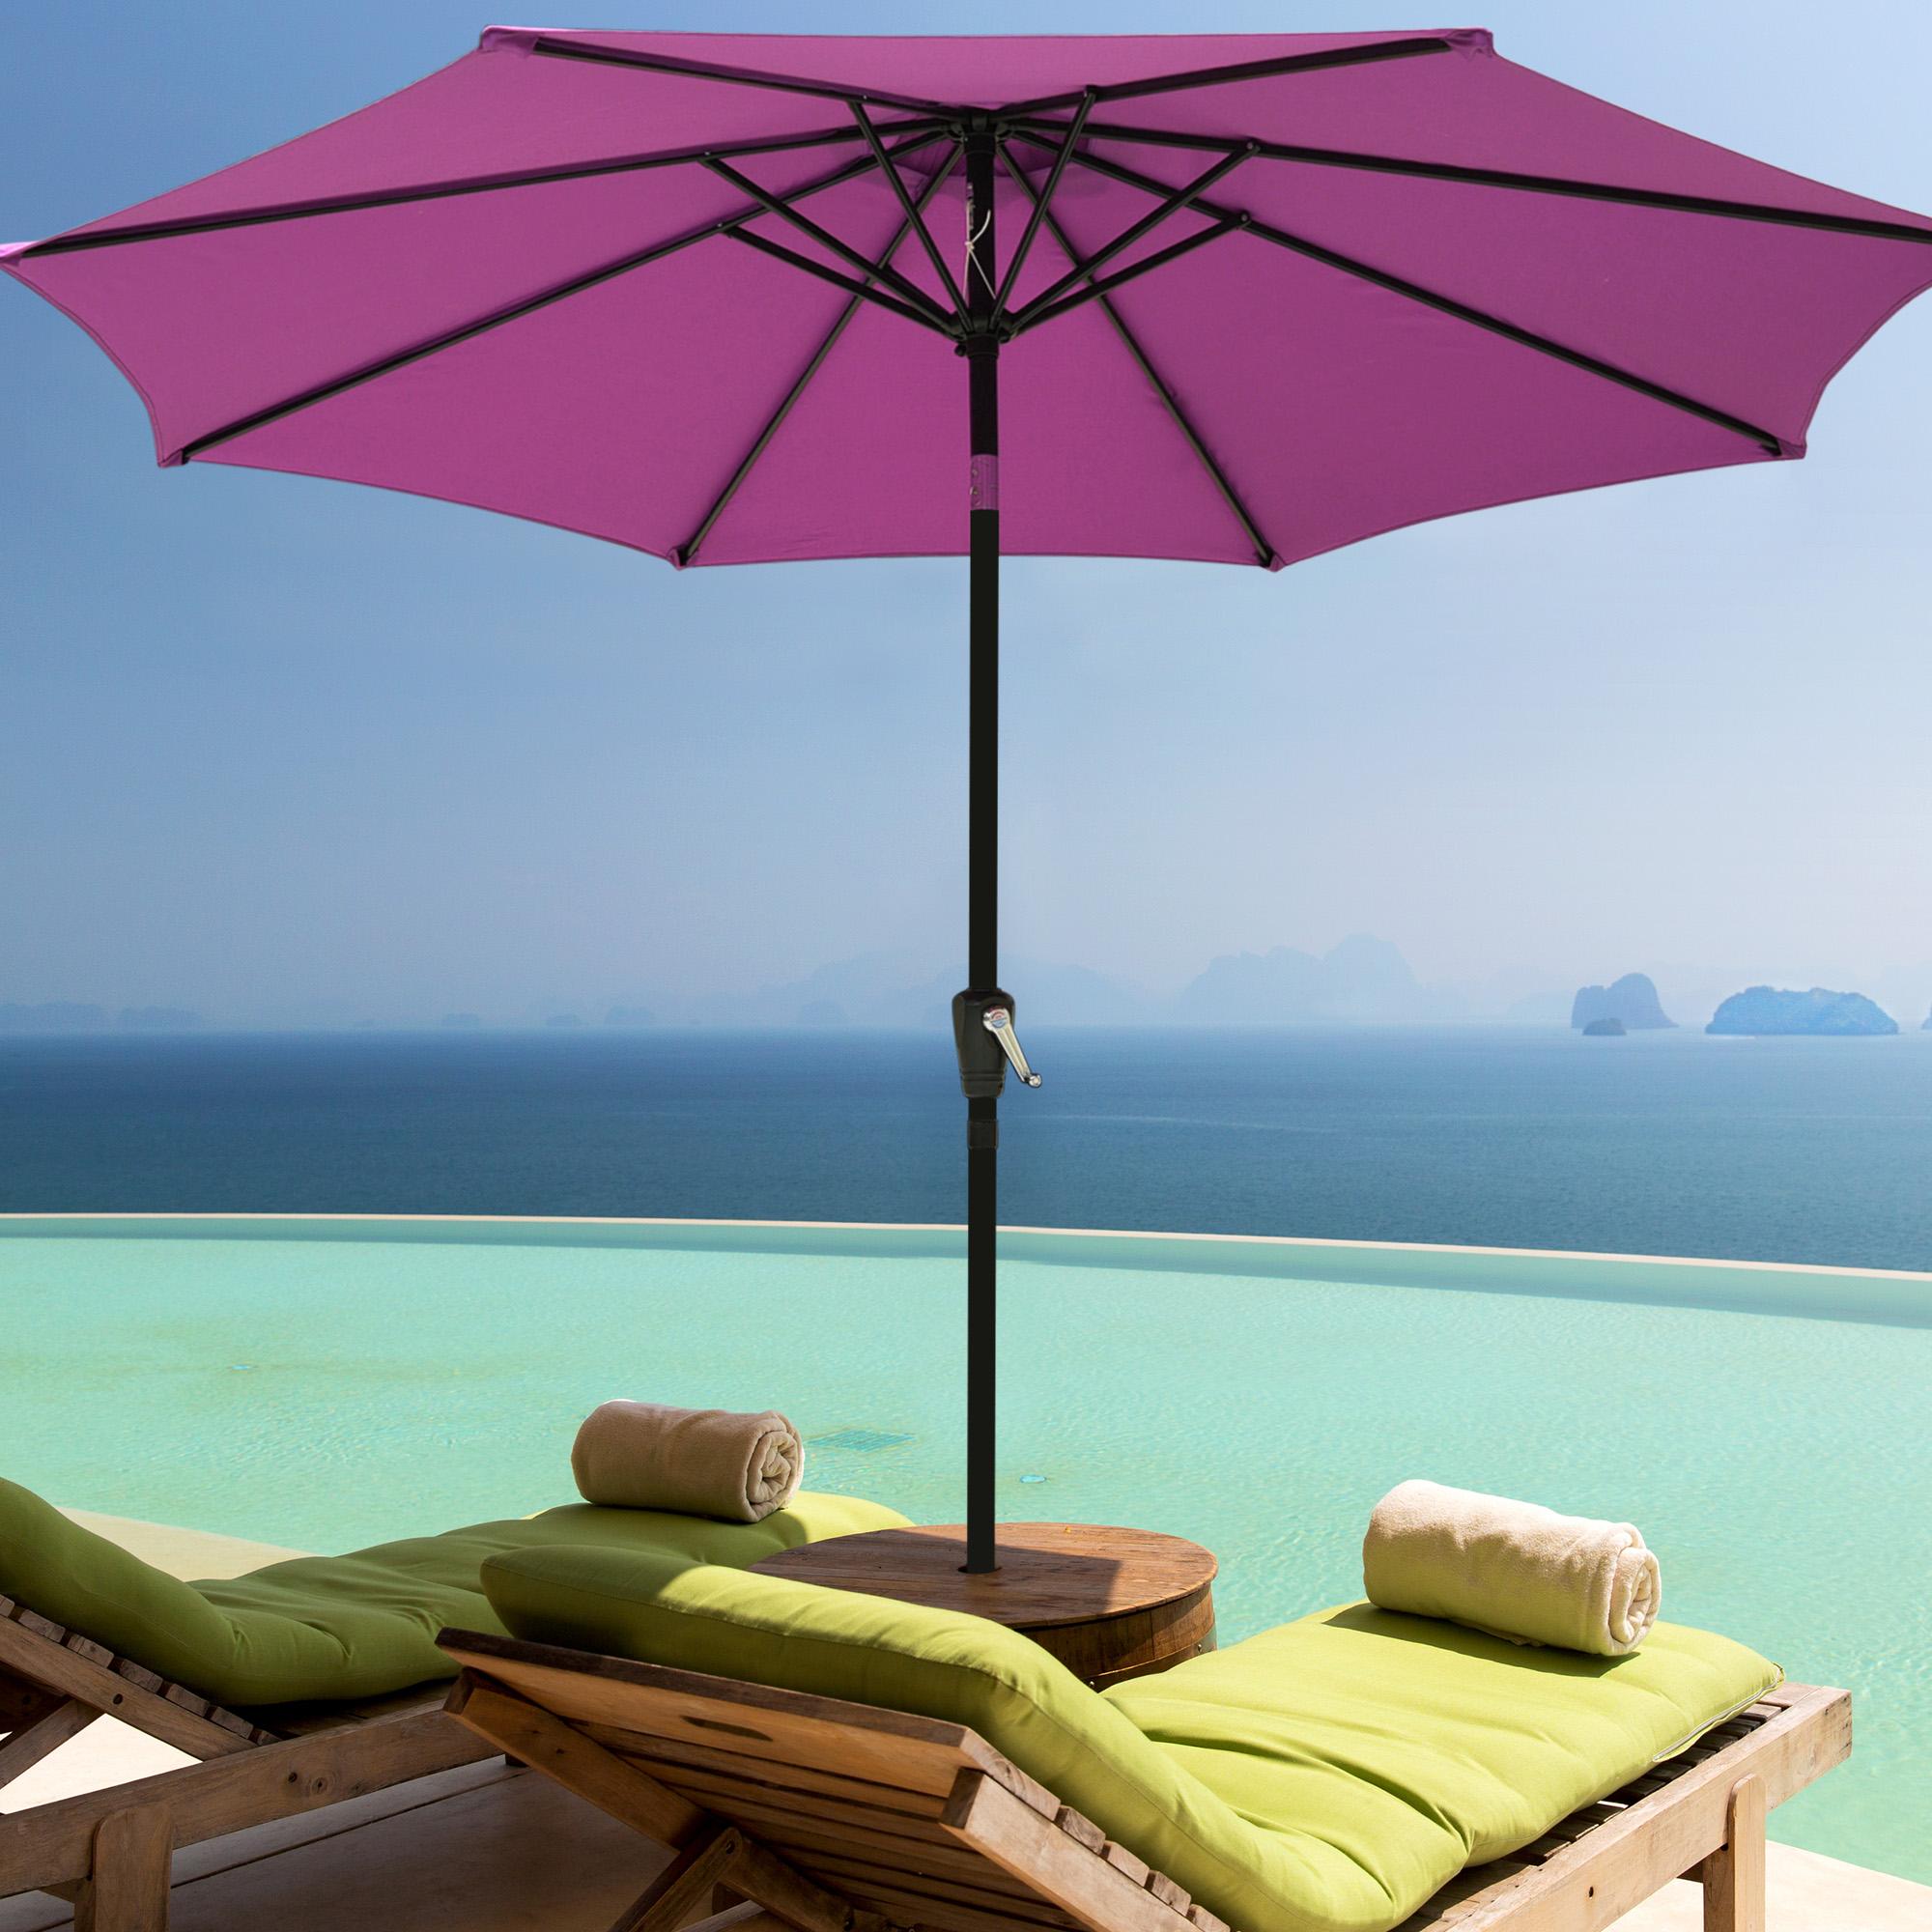 thumbnail 75 - 9' Outdoor Umbrella Patio 8 Ribs Market Garden Crank Tilt Beach Sunshade Parasol